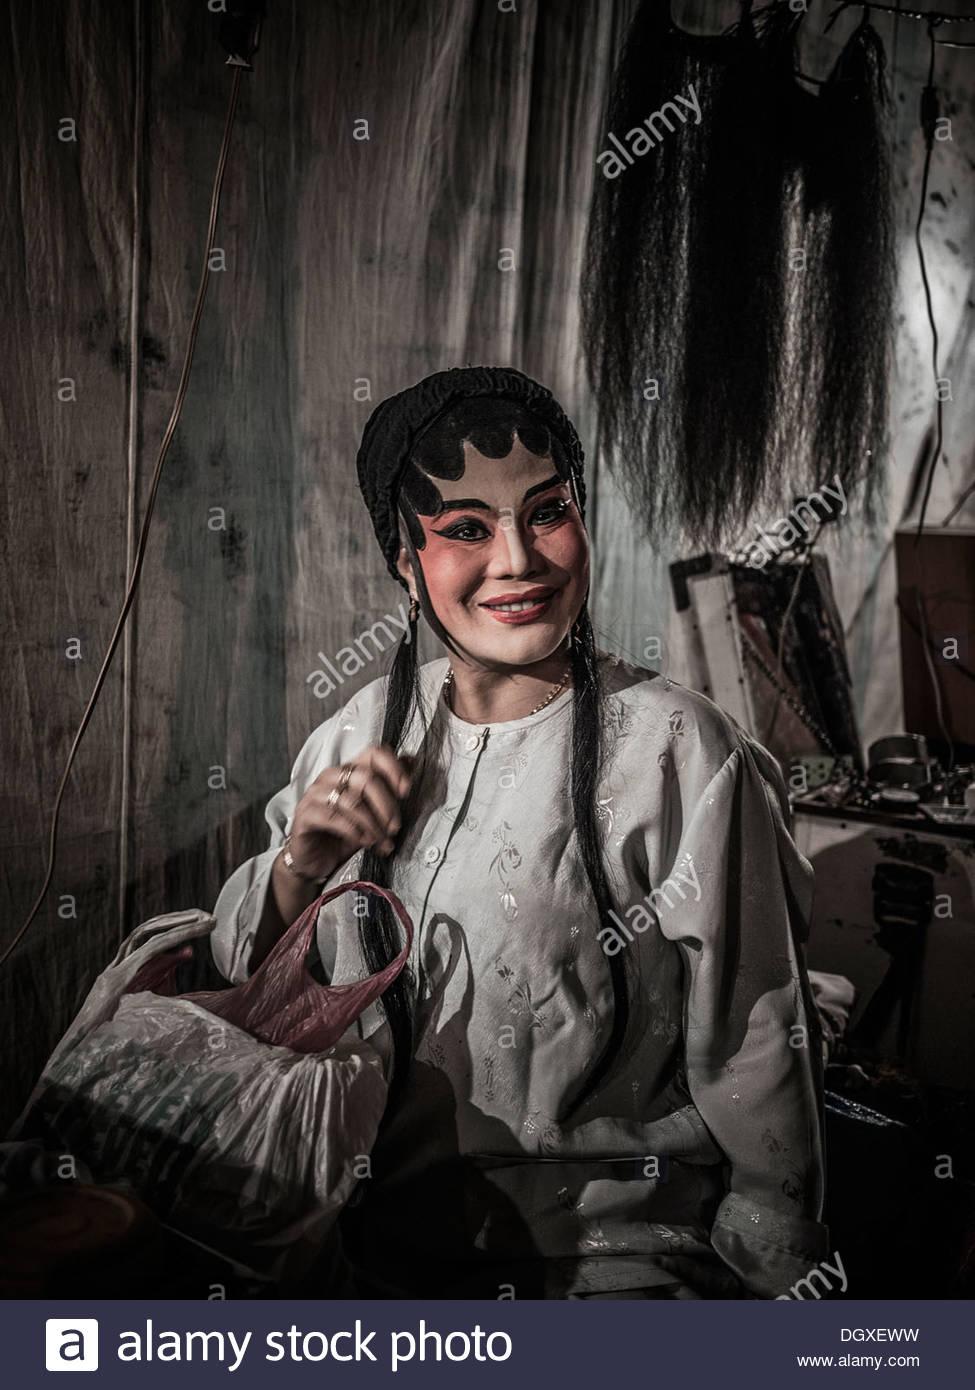 Opera Cinese attore in piena make up e costumi dietro le quinte prima di una performance. Thailandia SUDEST ASIATICO Foto Stock